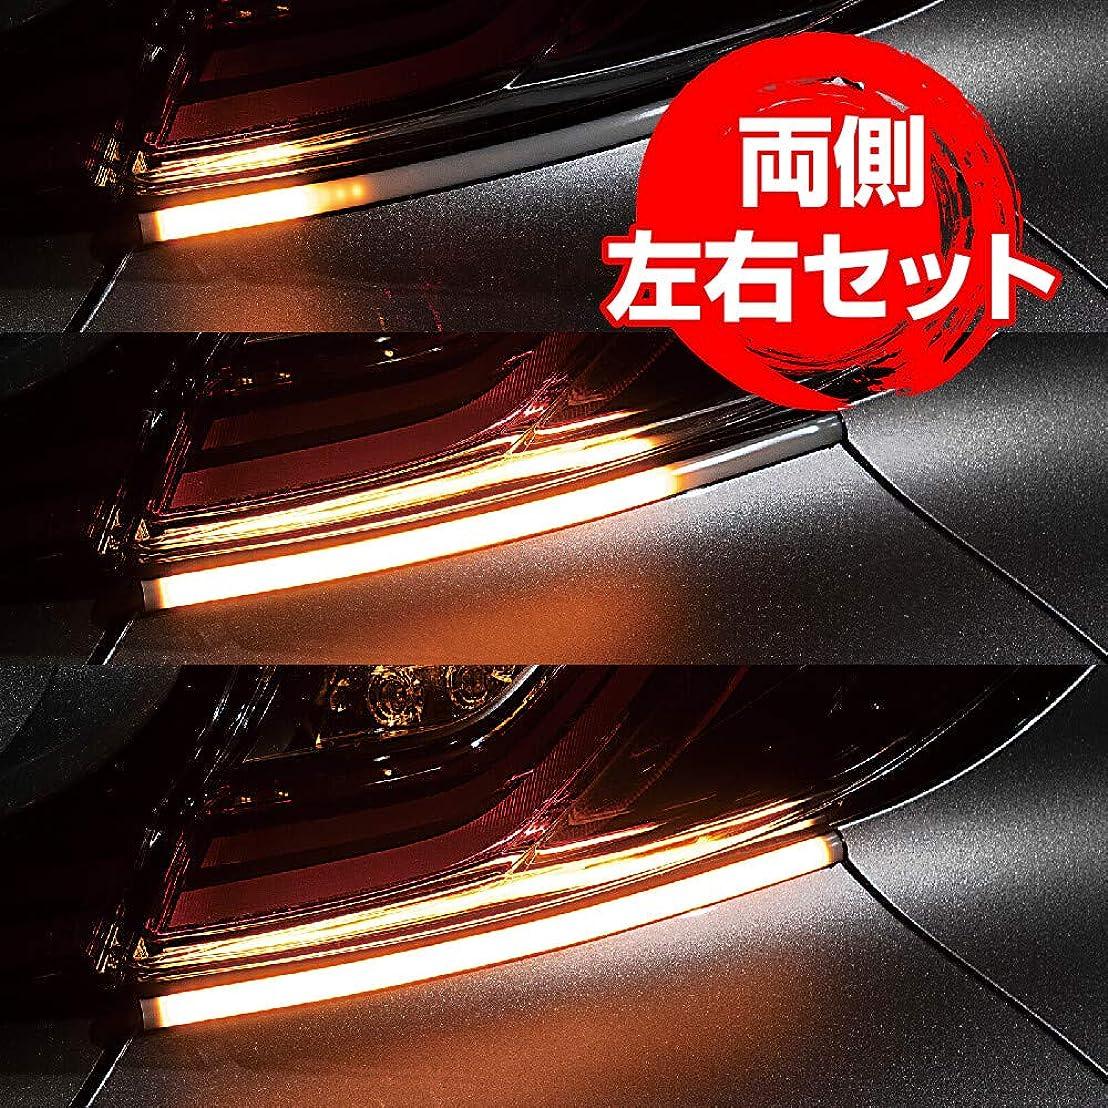 残酷結果衝突するディライト LEDテープライト 防水 ライト スティック型 12V ホワイトデイ っぽい 取り付けやすい 昼間のデイタイムランニングライト (2本セット)